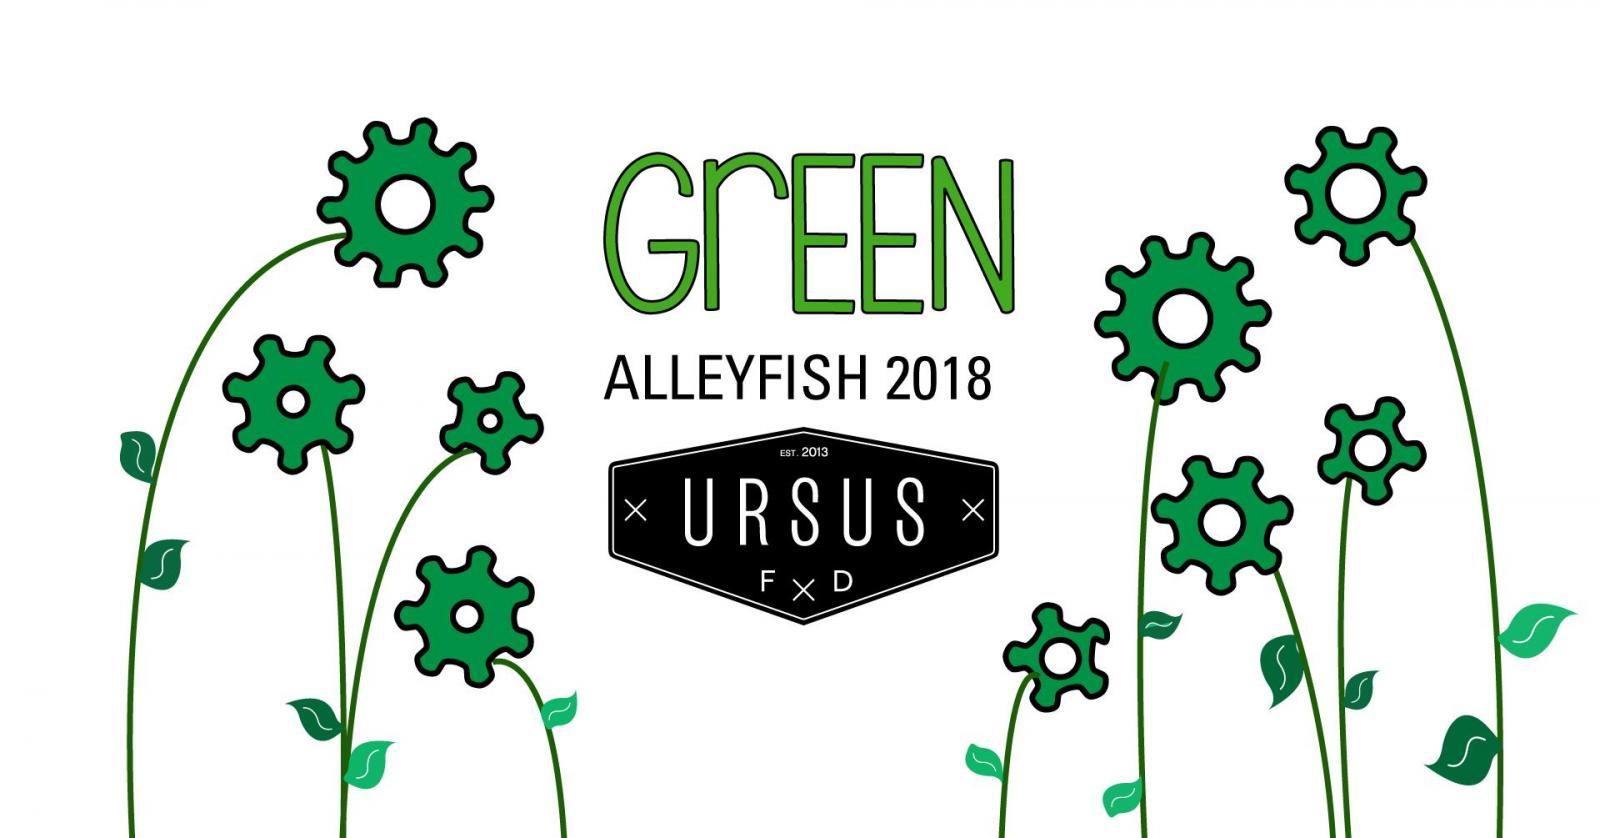 20180403_fb_event-cover_fioripignoni_3.jpg